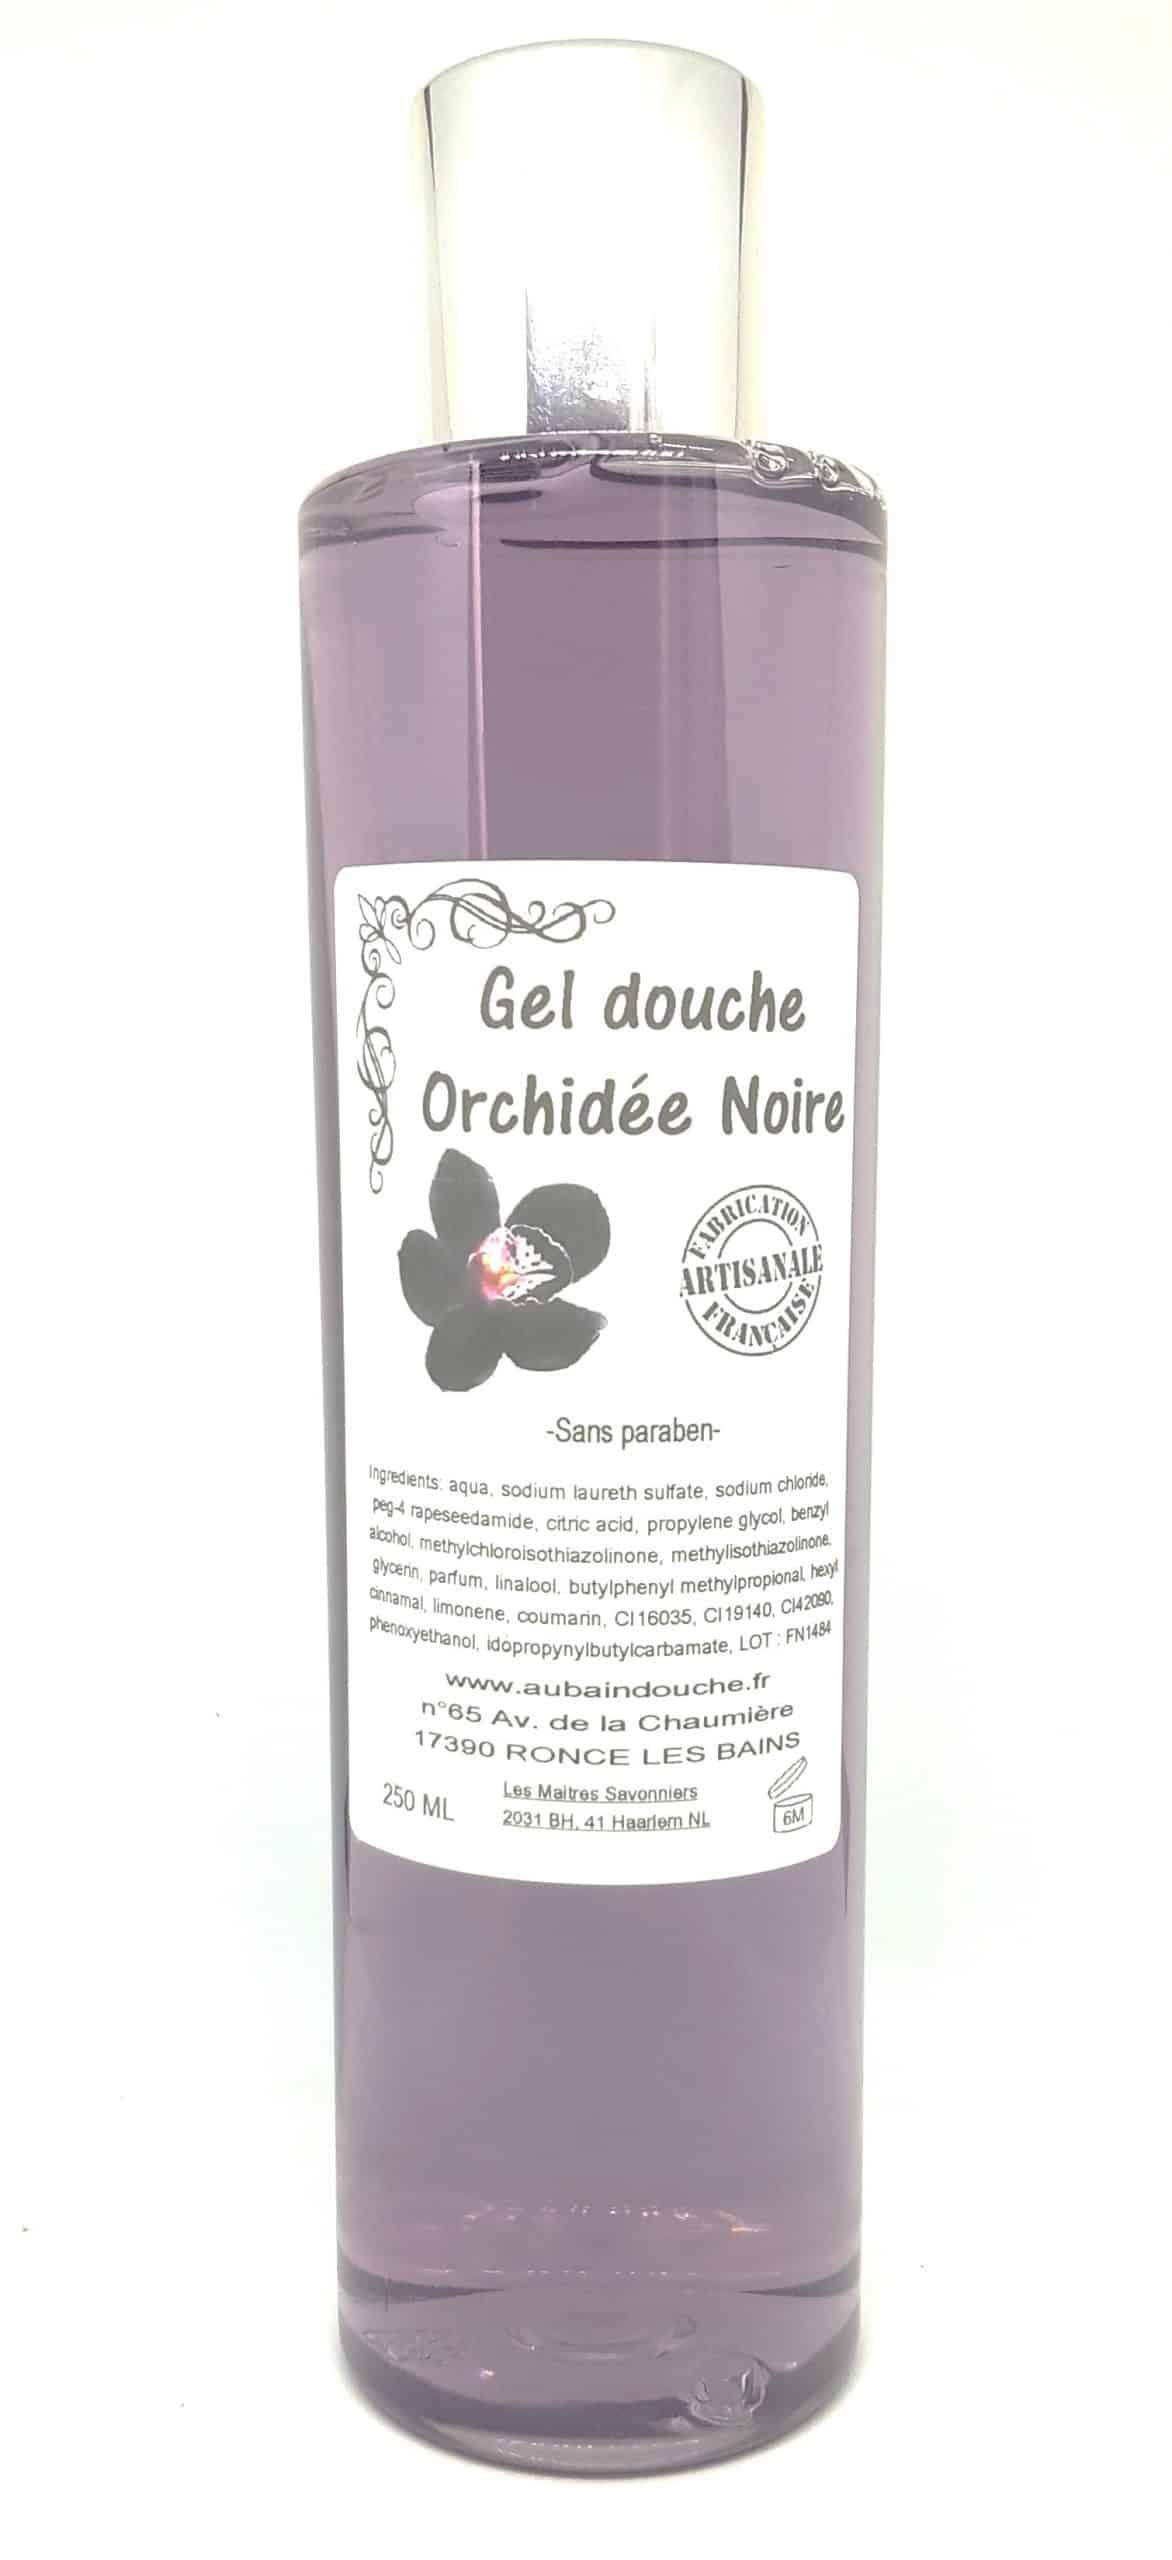 ORCHIDEE NOIRE SANS PARABEN Fabrication Artisanale AU BAIN DOUCHE